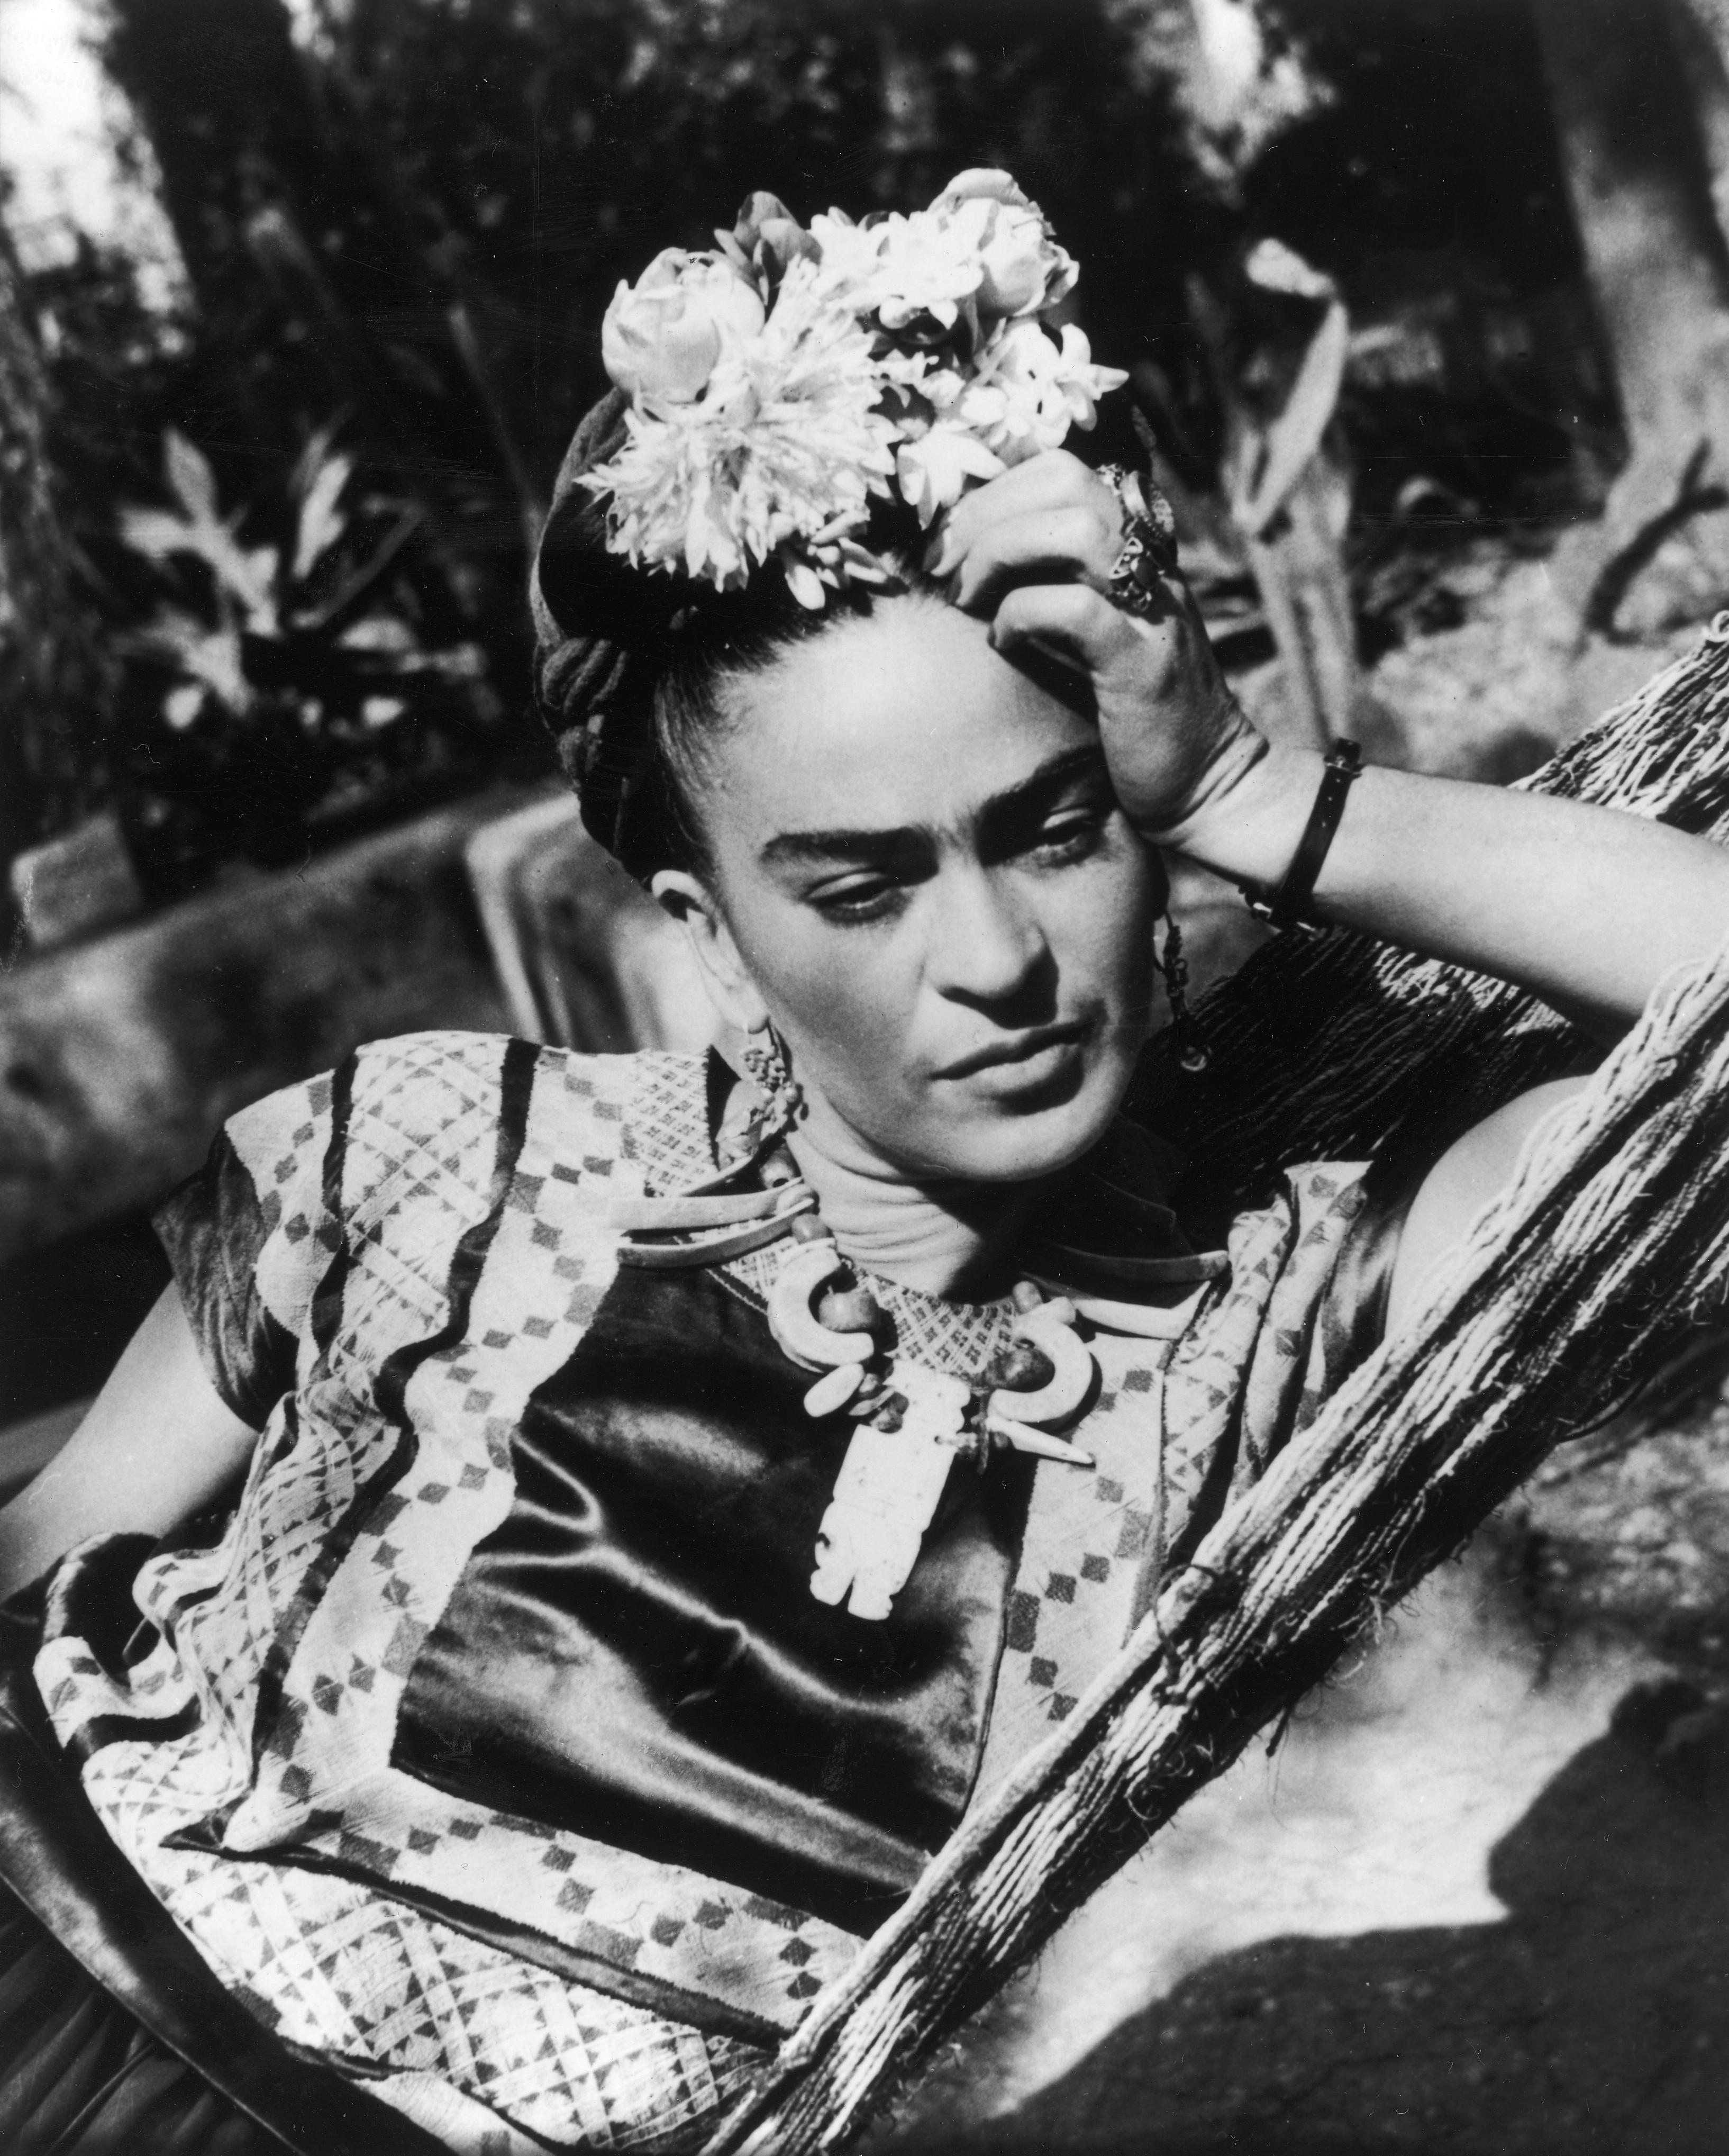 Ouça a voz de Frida Kahlo pela primeira vez em gravações de rádio nos anos 50